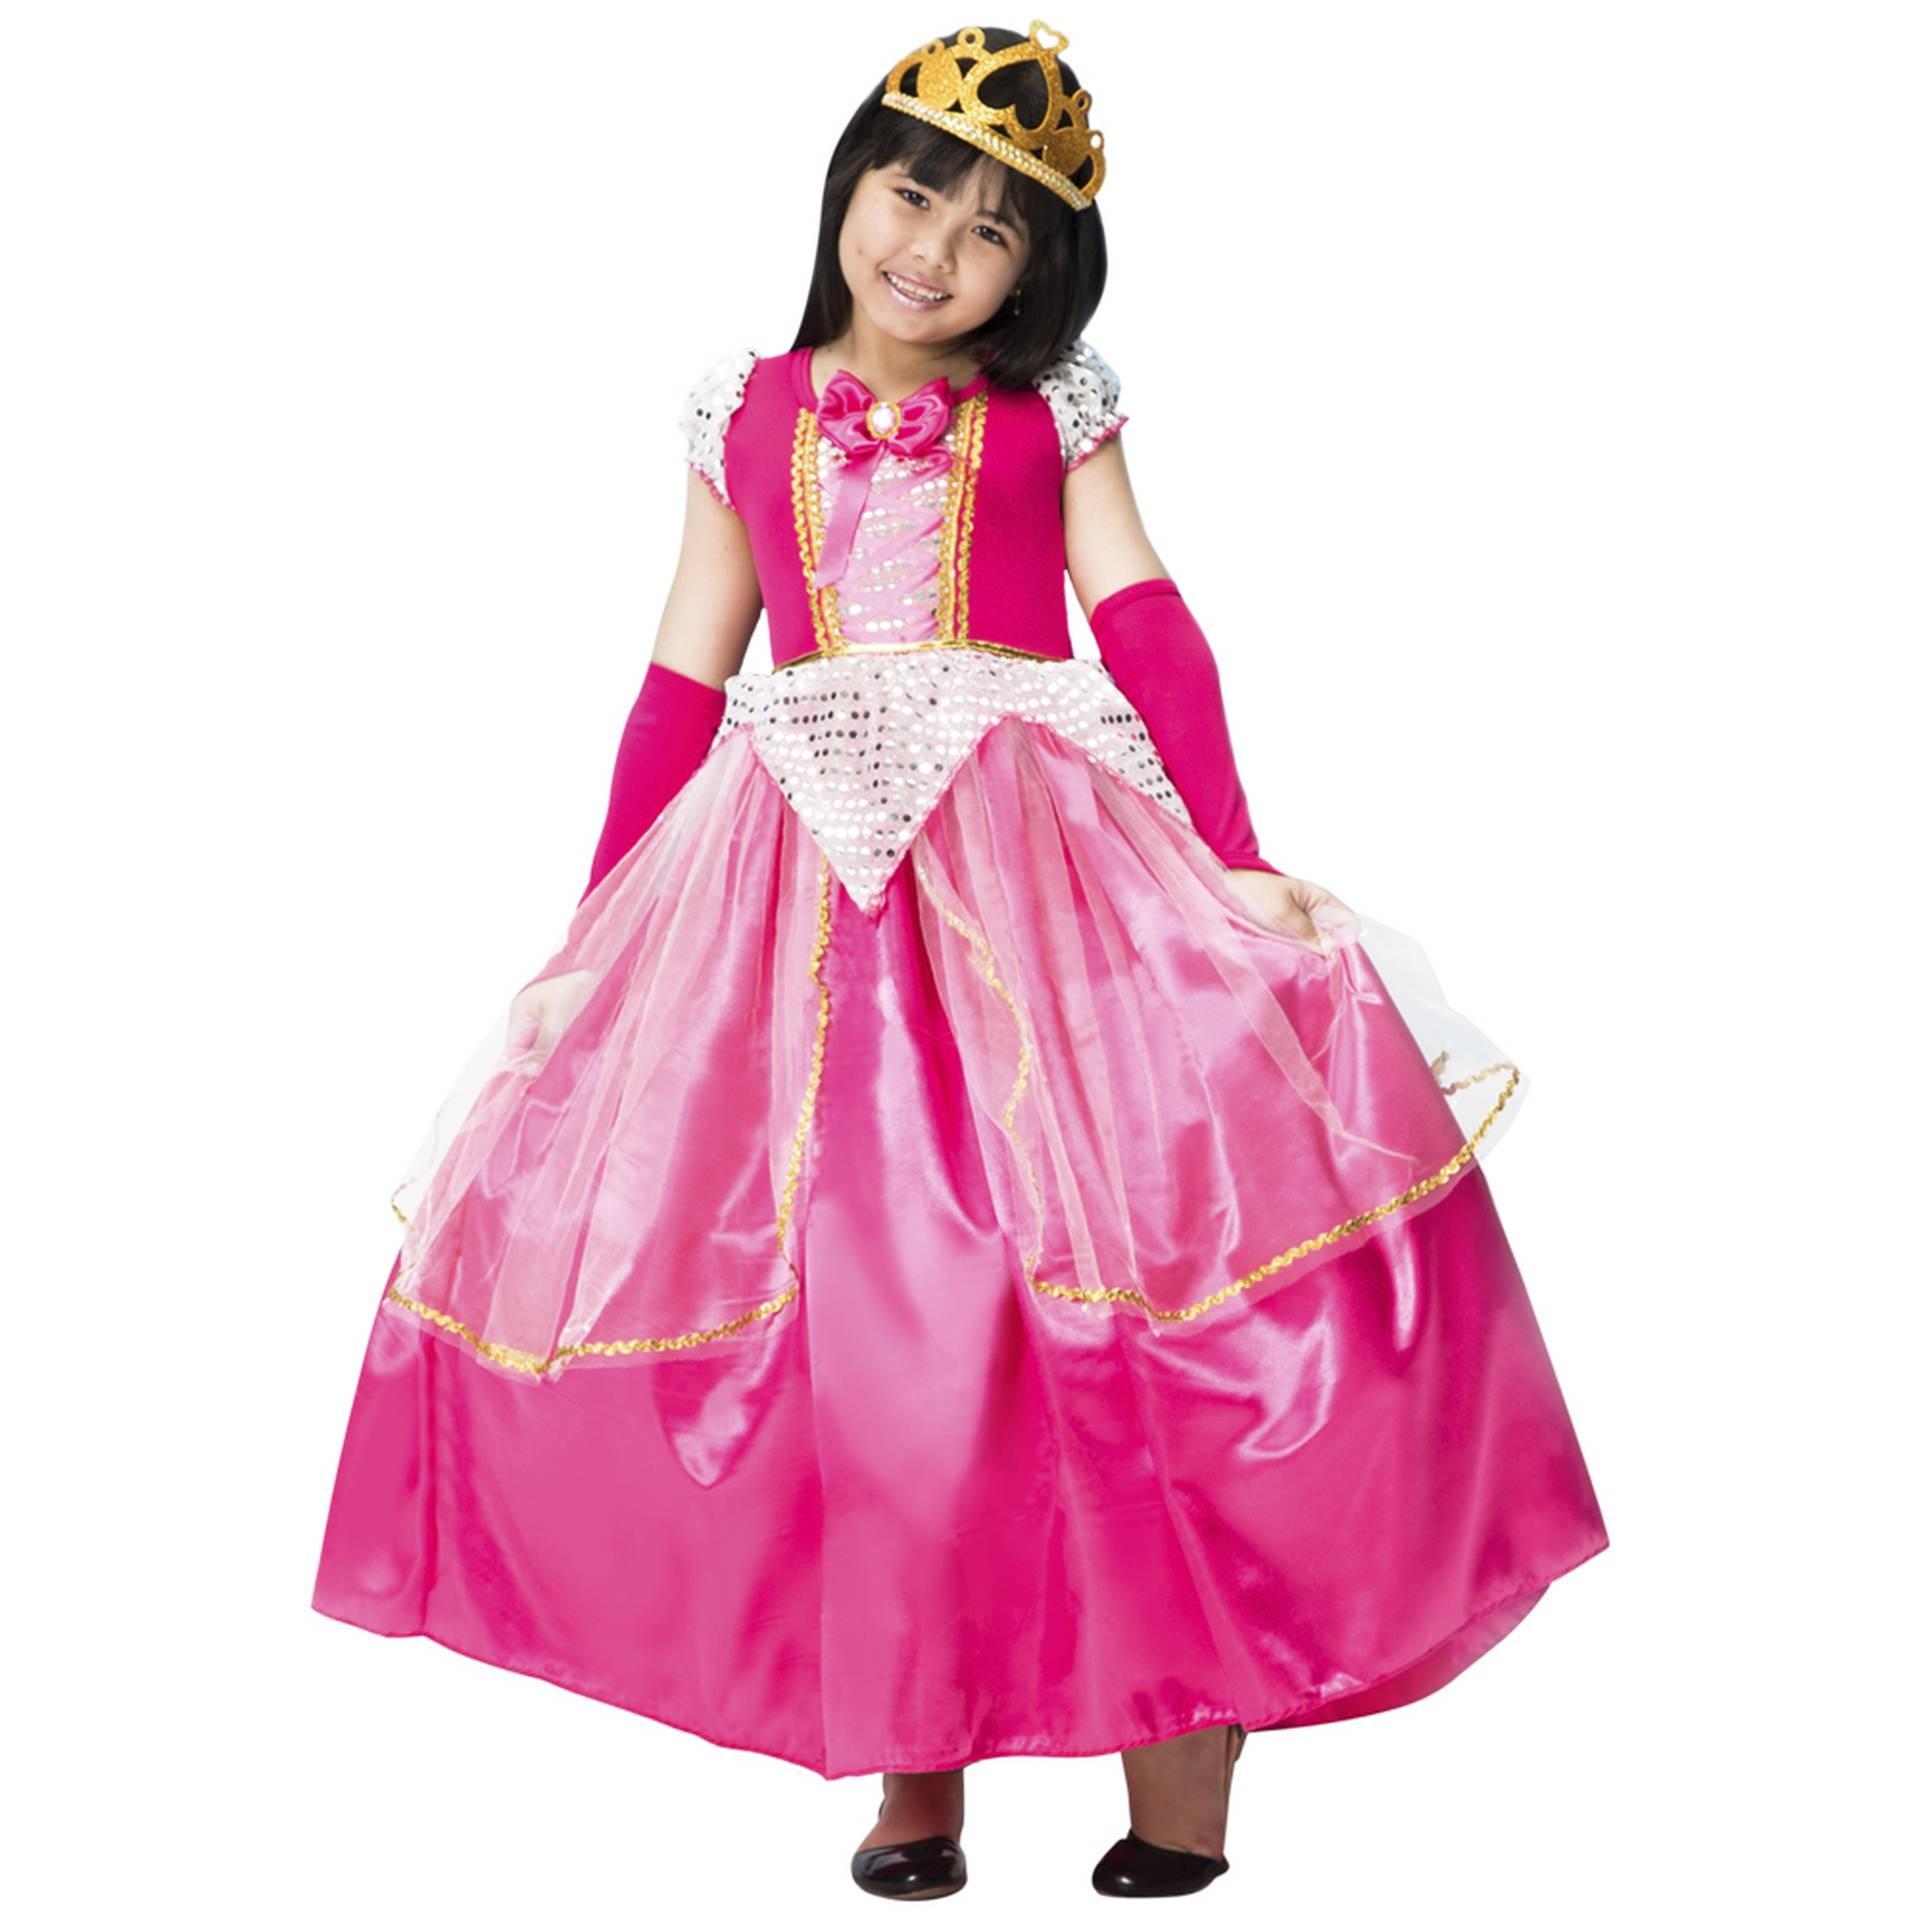 Fantasia de Princesa Victoria com coroa e luvas